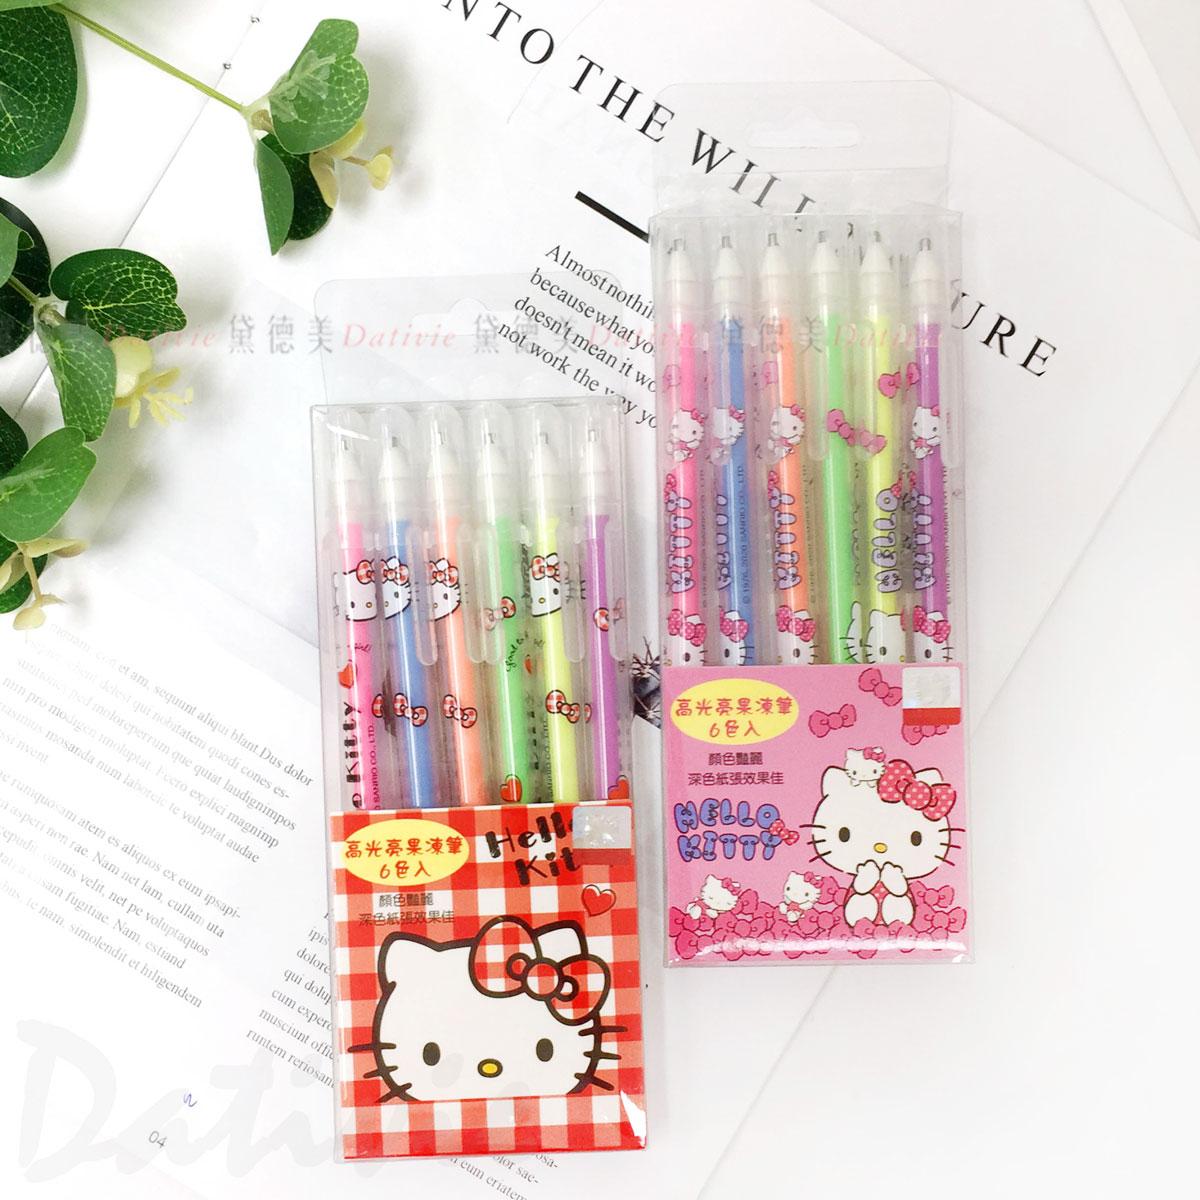 高光亮果凍筆 6入 凱蒂貓 HELLO KITTY 三麗鷗 Sanrio  正版授權